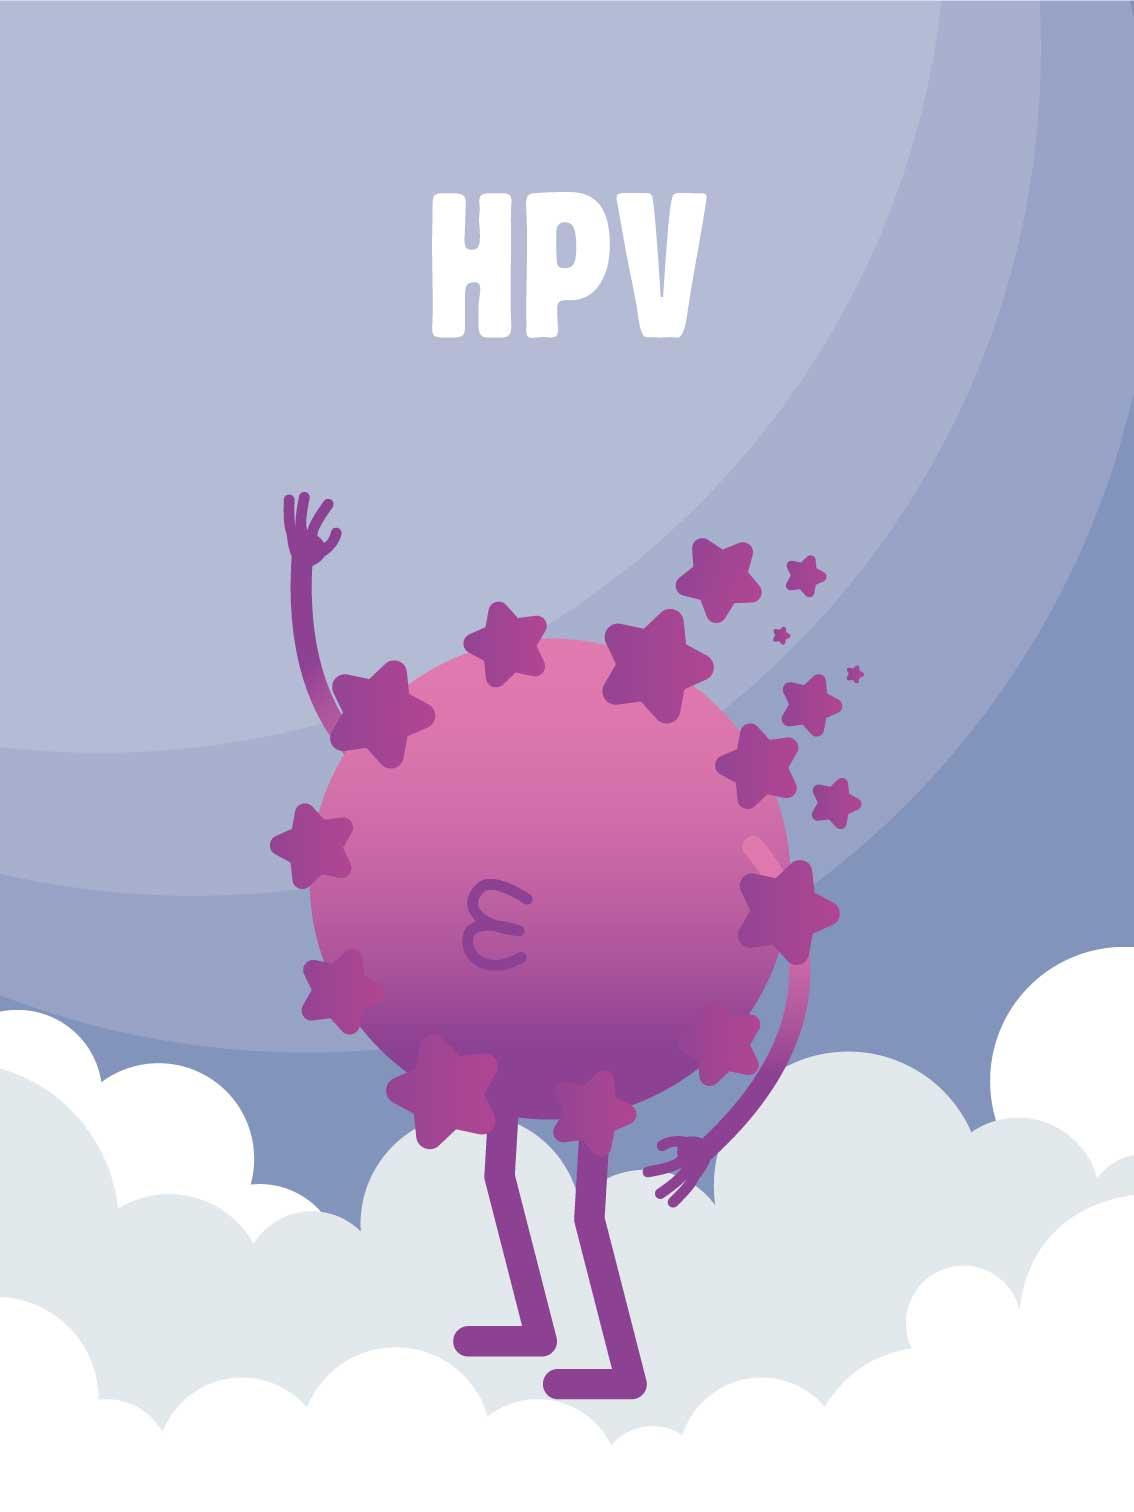 comment diagnostiquer le papillomavirus chez lhomme human papillomavirus infection elbow